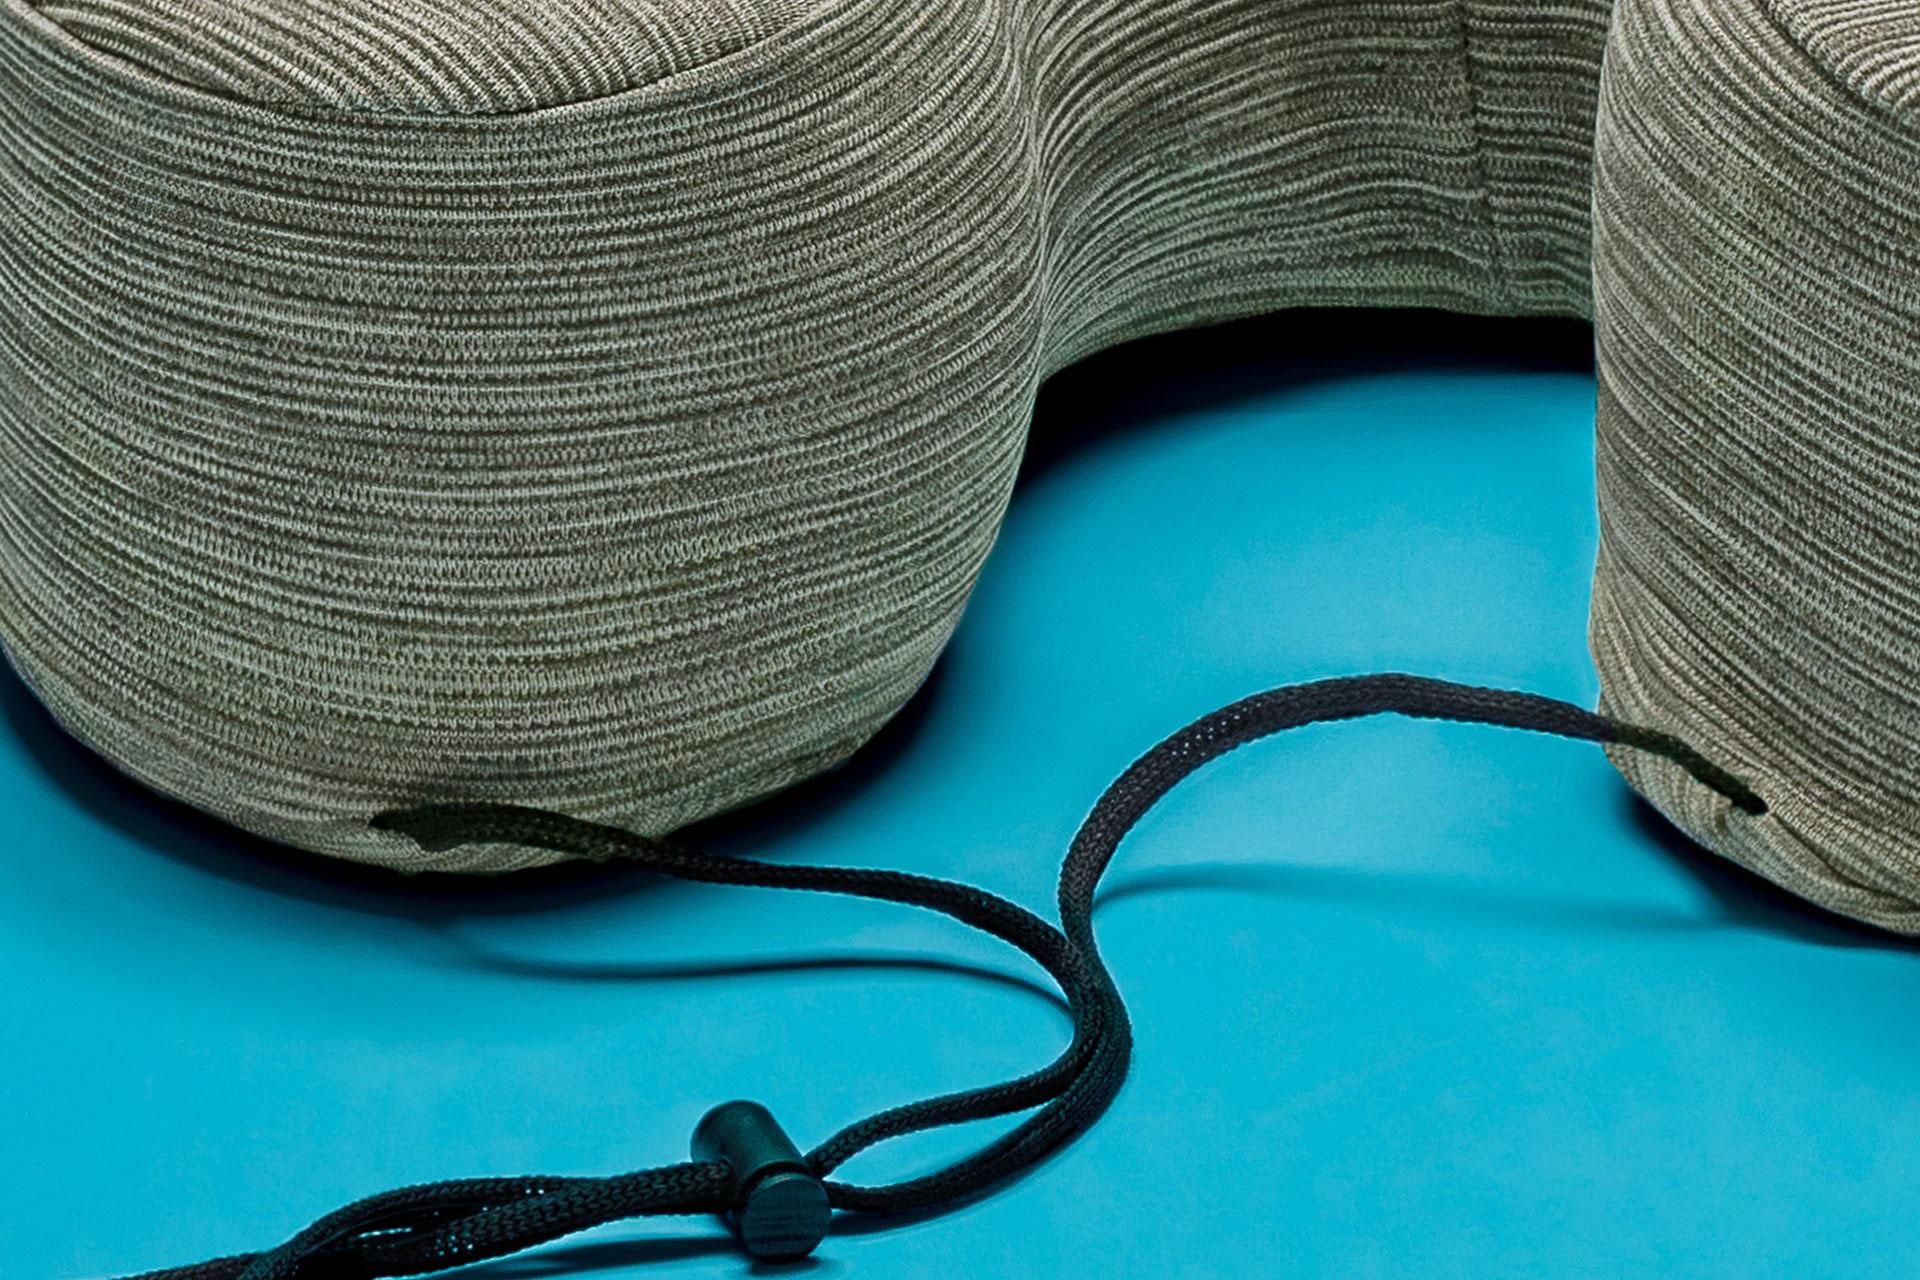 dettaglio Cuscino relax sostegno collo grigio con laccio